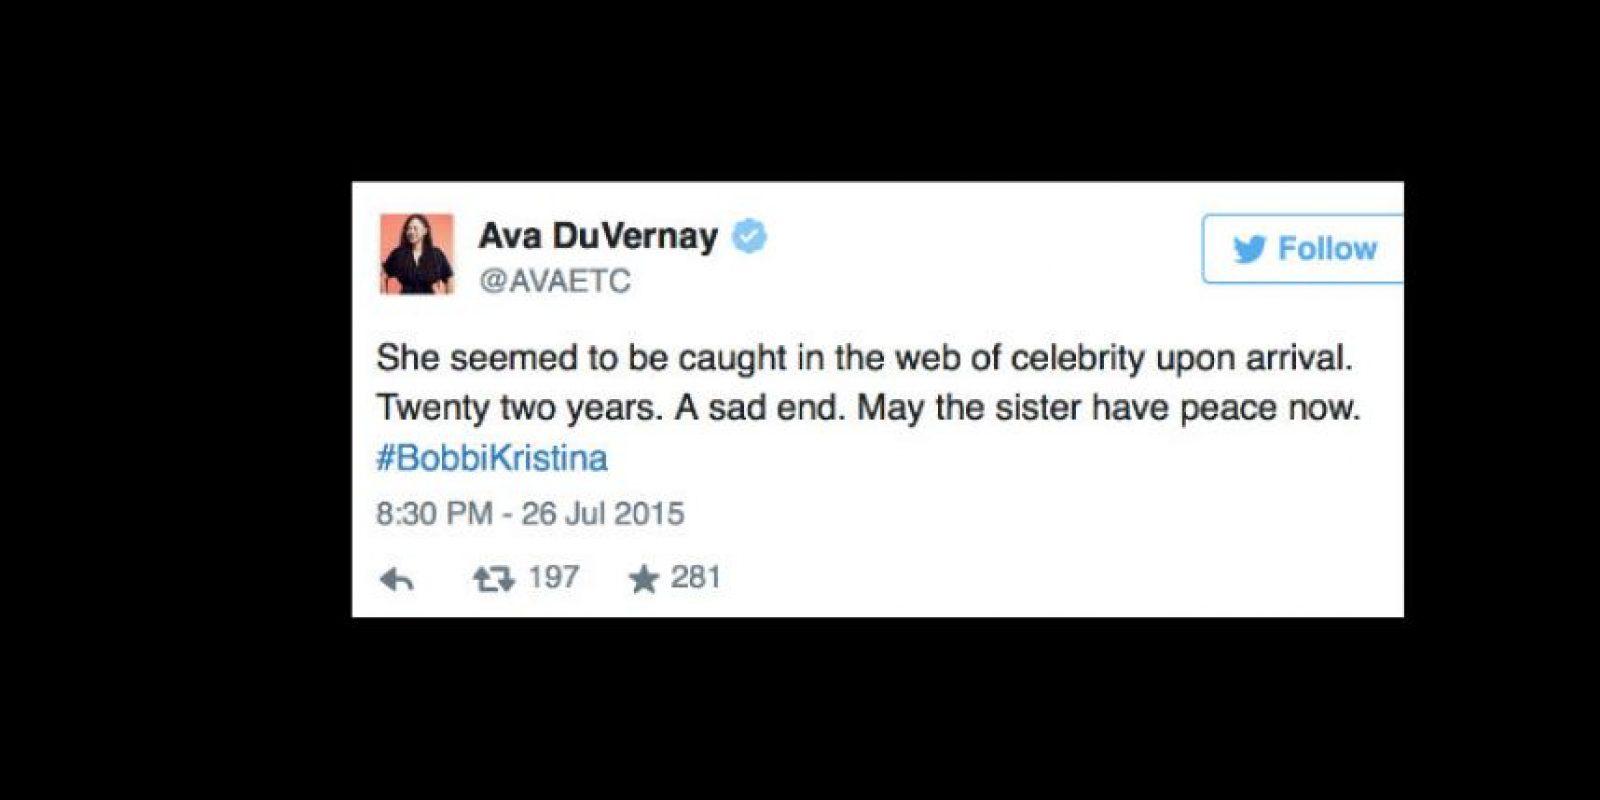 """La actriz Ava Du Vernay: """"Parecía atrapada. Que la hermana descanse en paz"""". Foto:vía Twitter"""